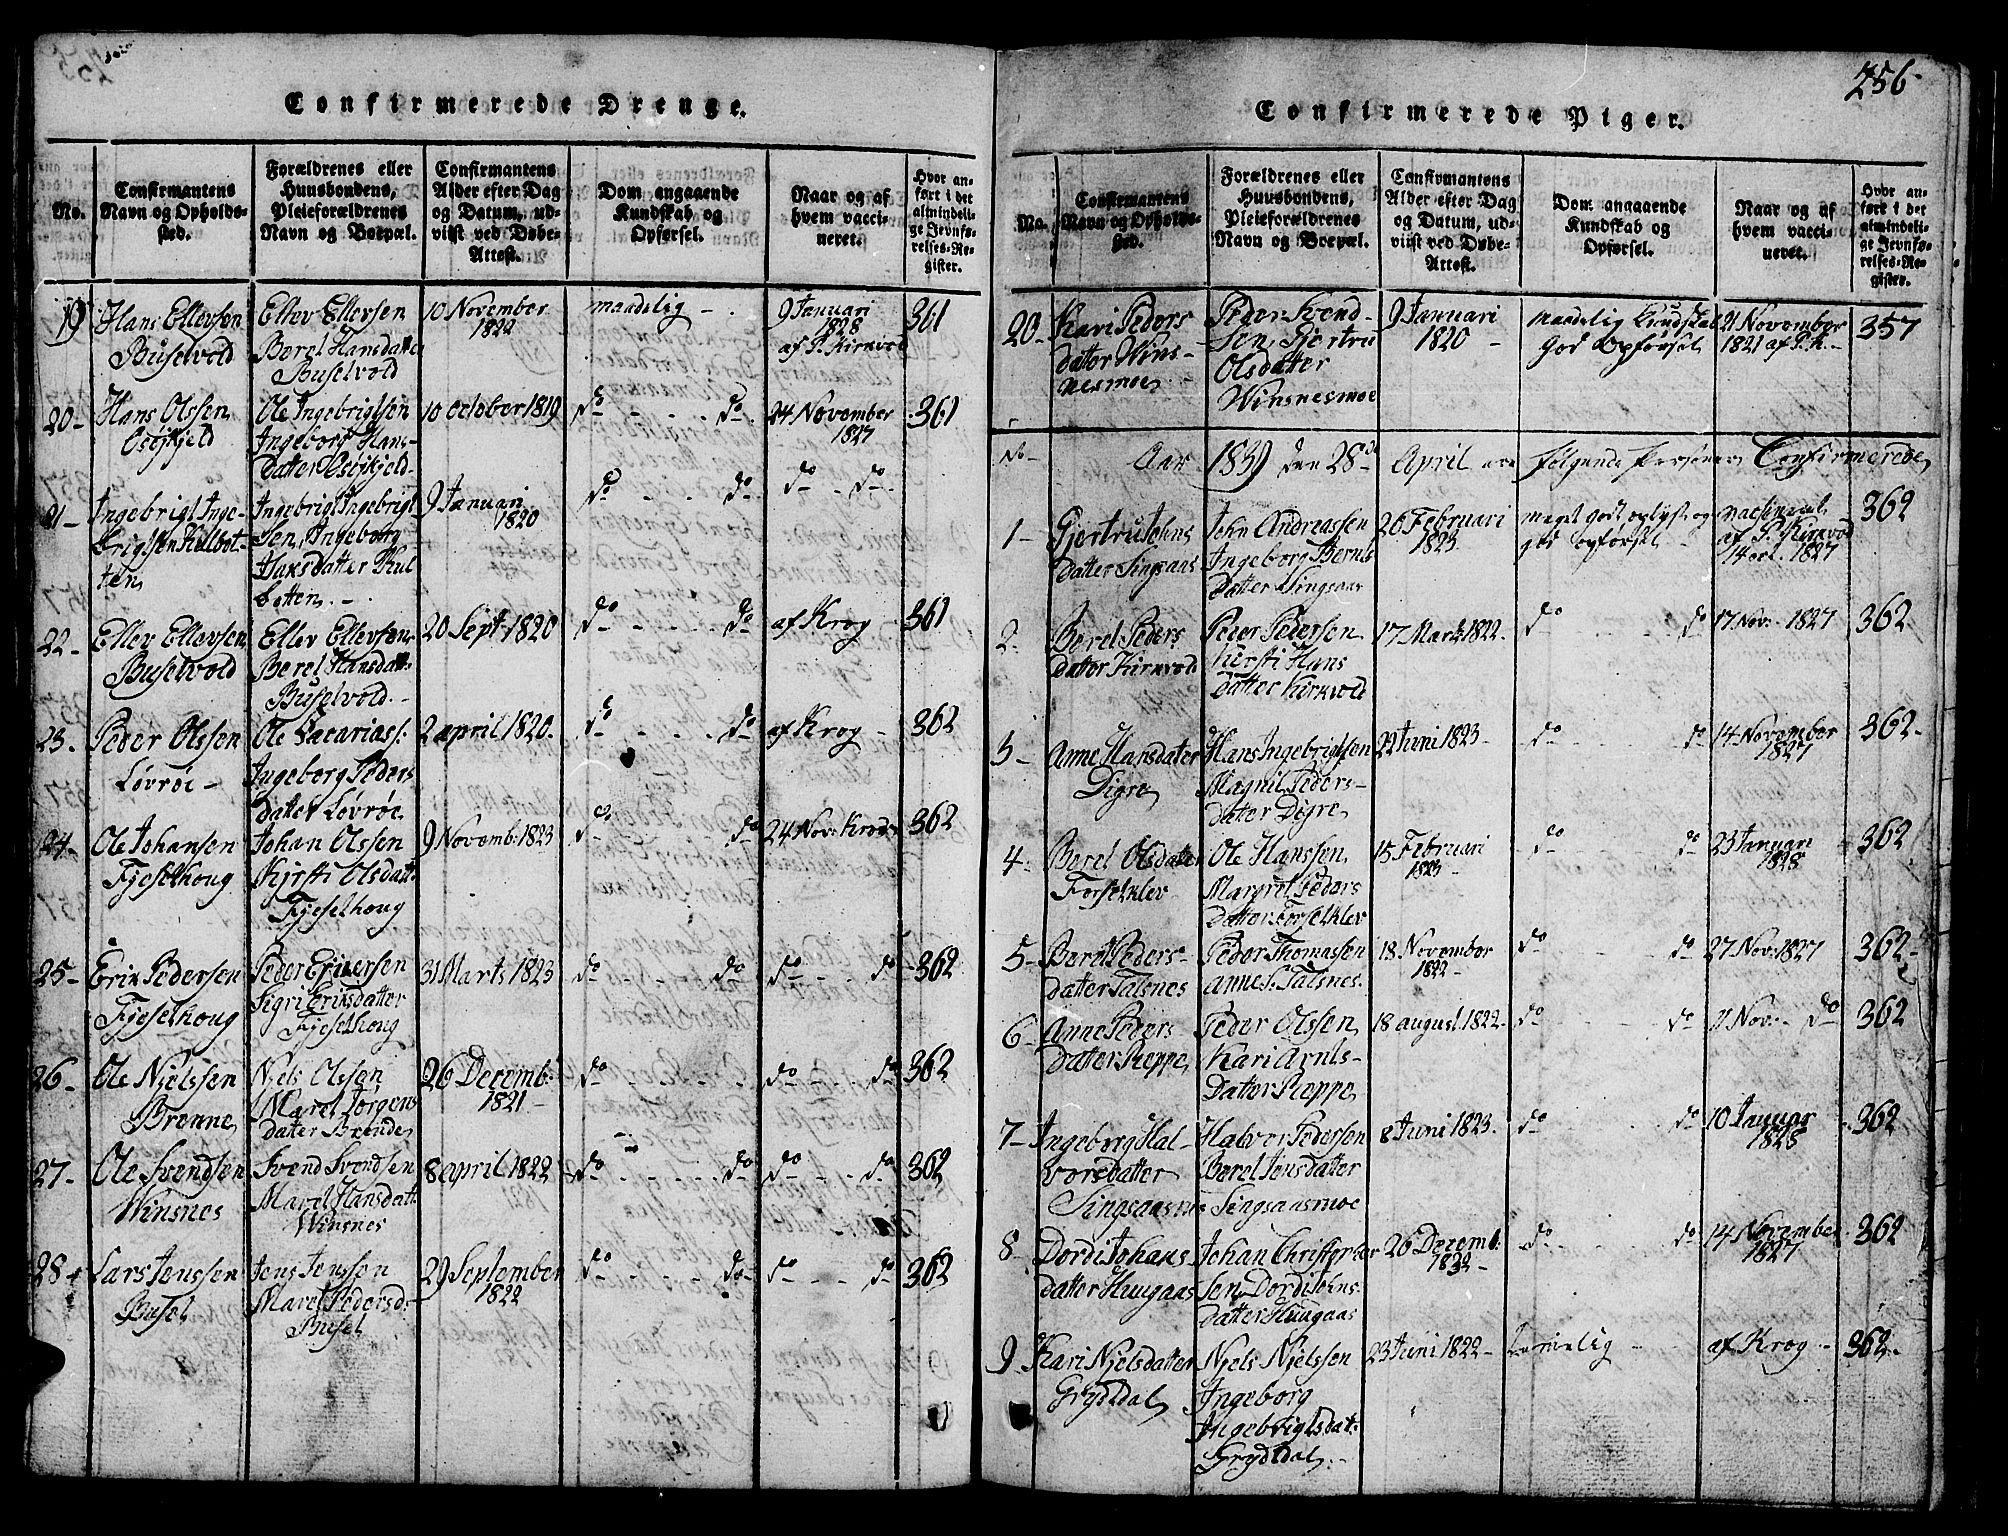 SAT, Ministerialprotokoller, klokkerbøker og fødselsregistre - Sør-Trøndelag, 688/L1026: Klokkerbok nr. 688C01, 1817-1860, s. 256